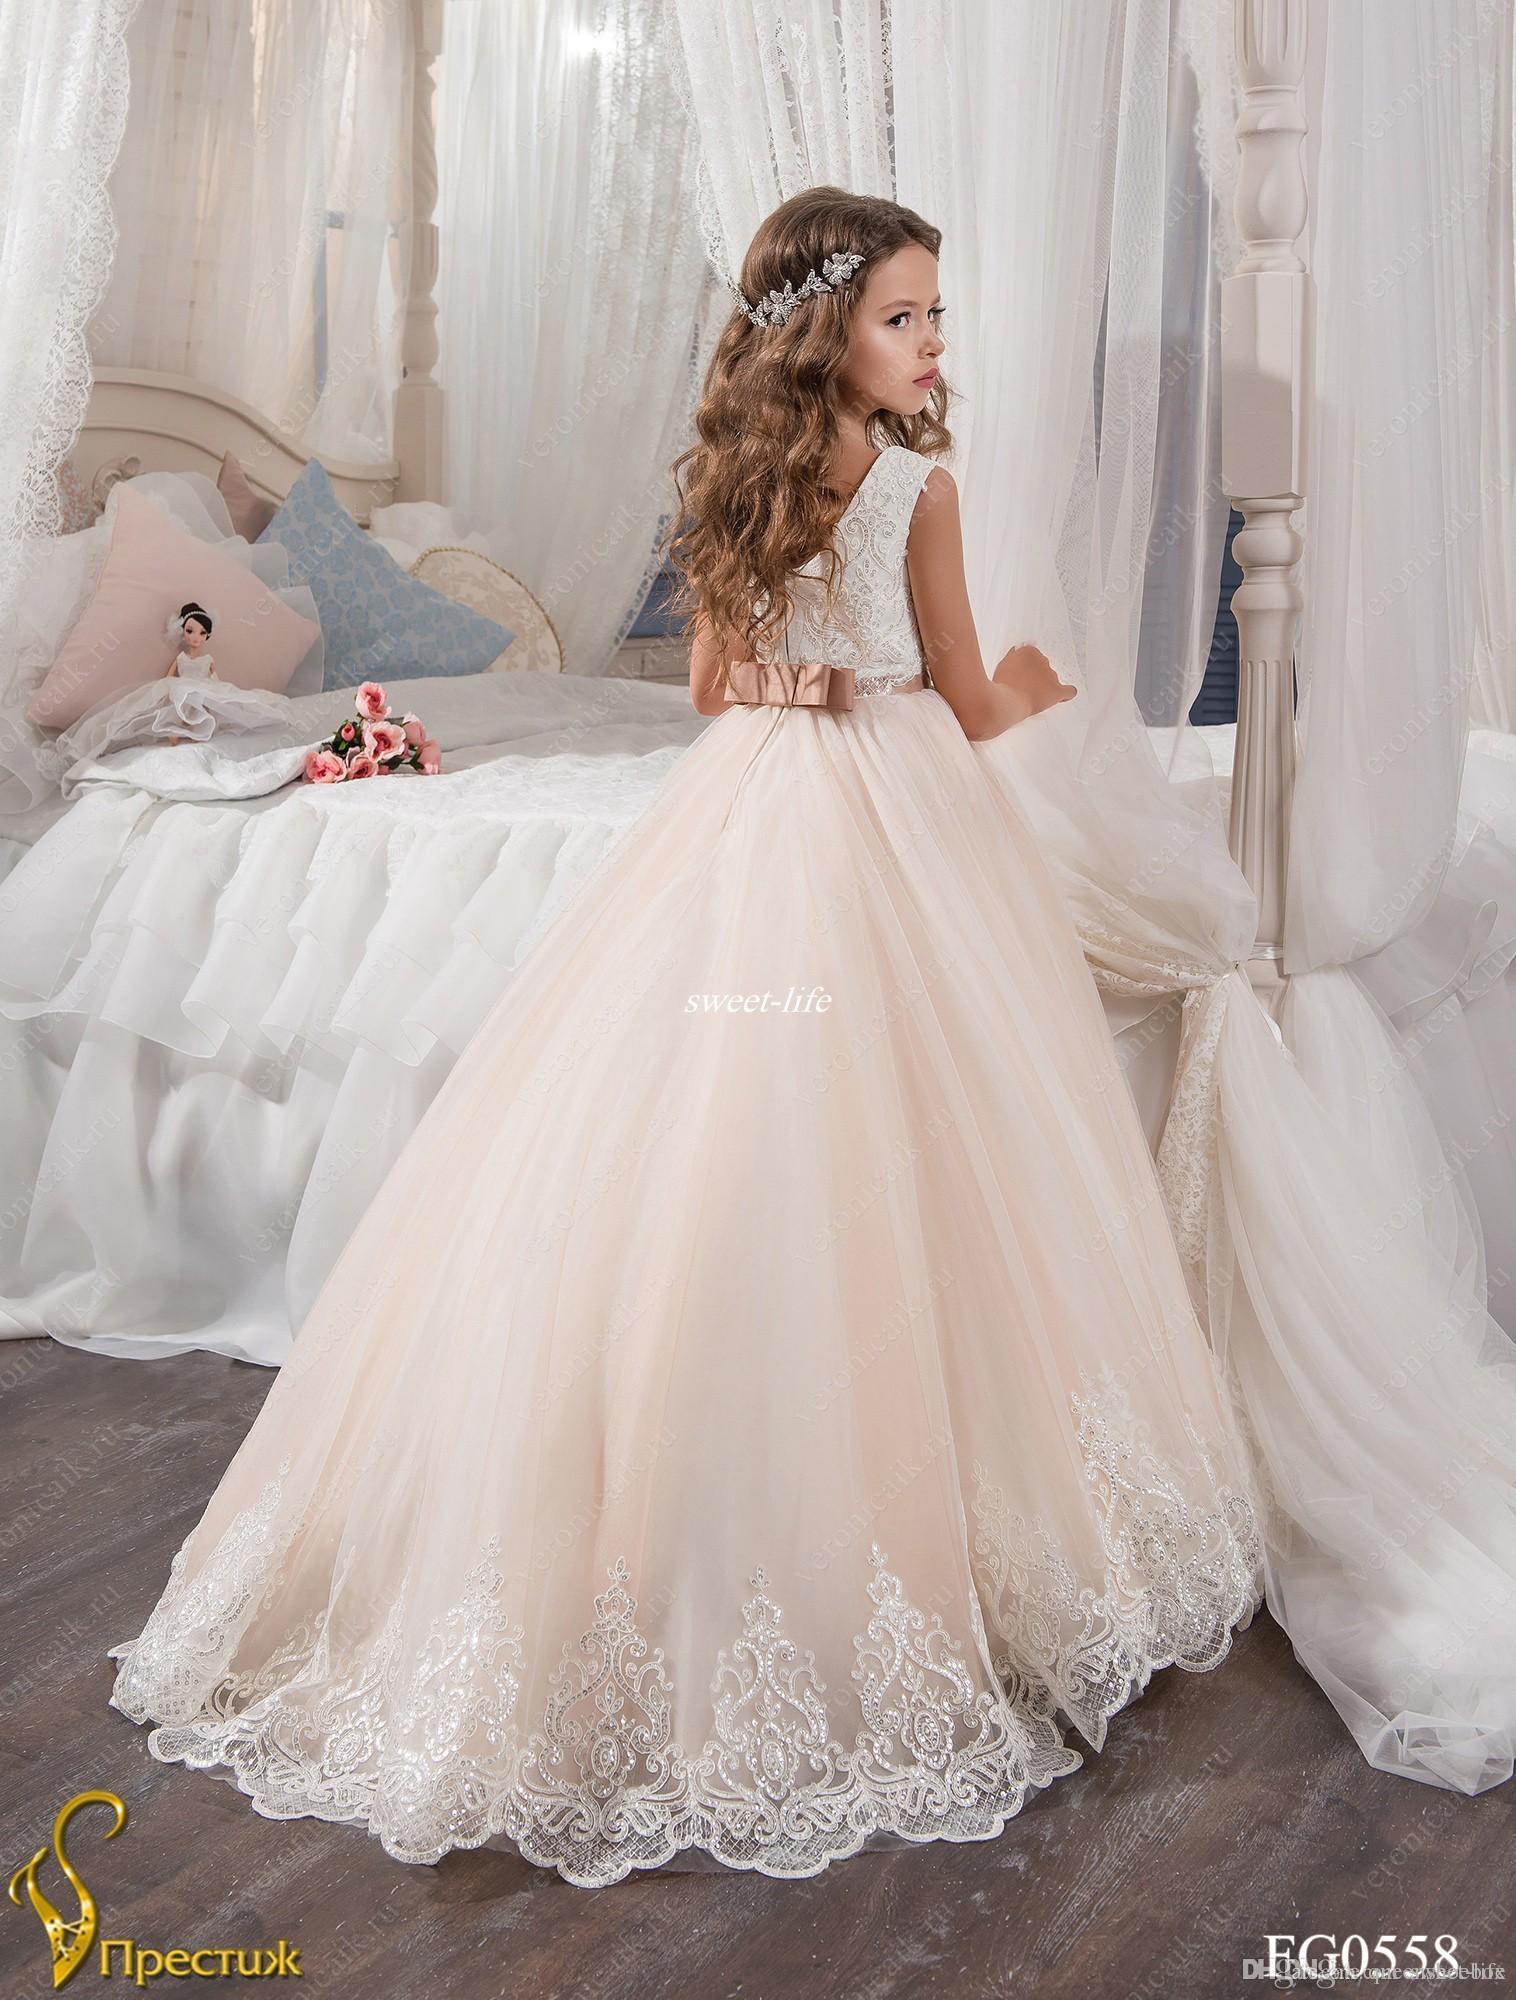 Custom Made Fleur Fille Robes pour la Blush De Mariage Rose Princesse Tutu Paillettes Appliqued Dentelle Bow 2017 Vintage Enfant Première Communion Robe